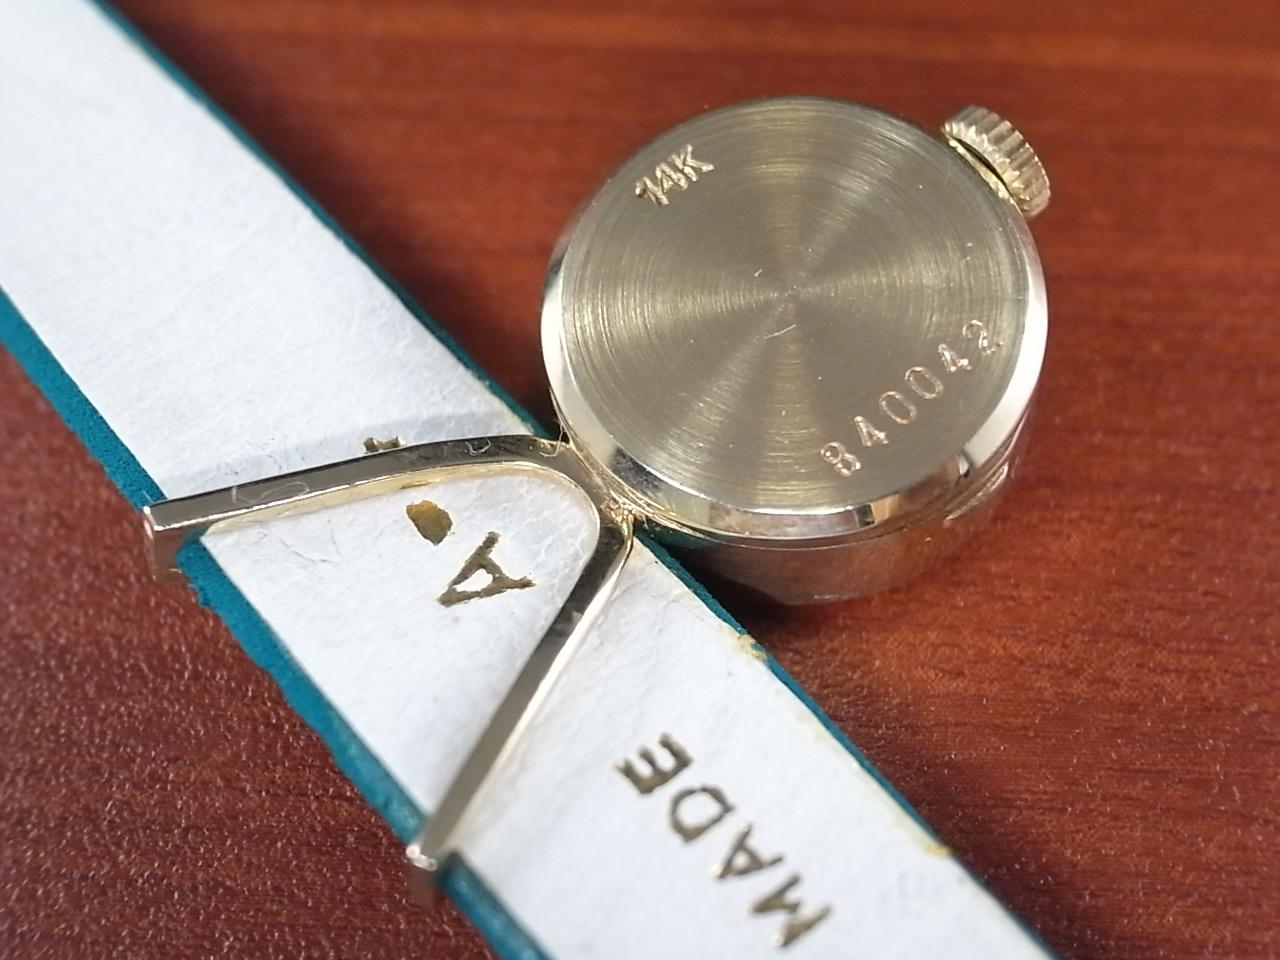 ユニバーサル・ジュネーブ レディース 14KYG カメレオン ベルト・ボックス付の写真4枚目